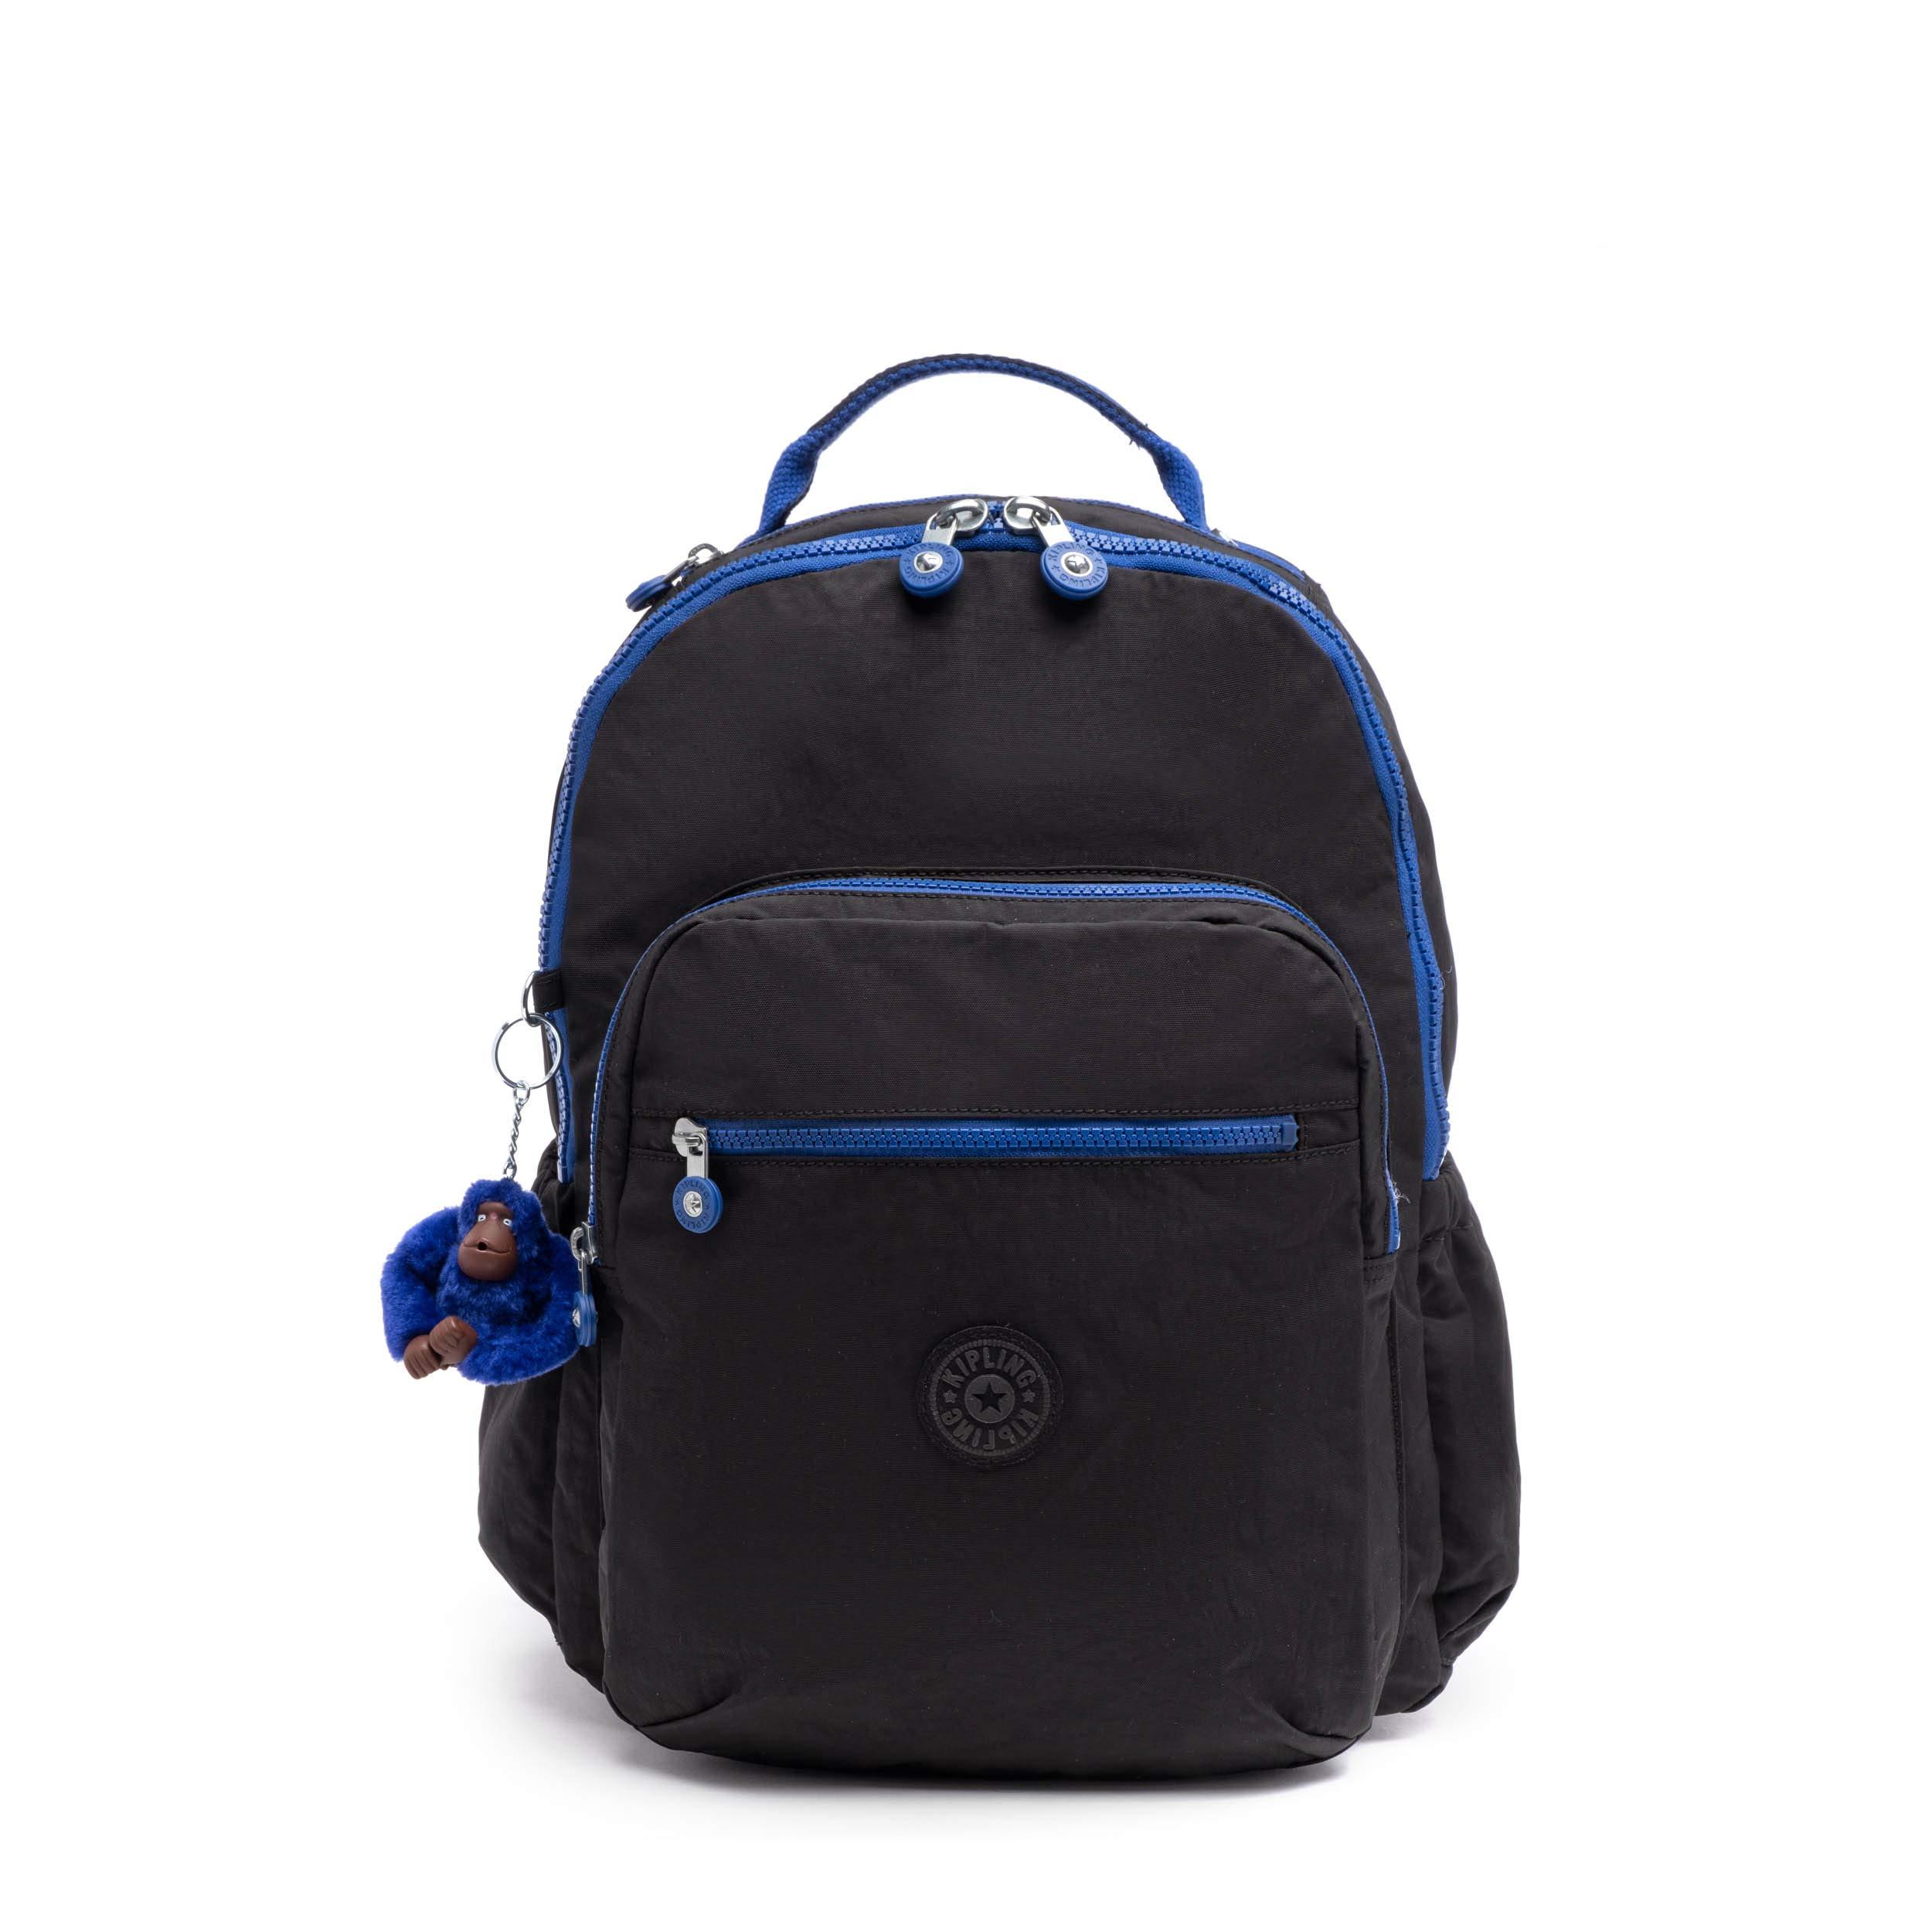 Kipling Seoul Go Laptop Backpack (Black Contrast Blue) by Kipling